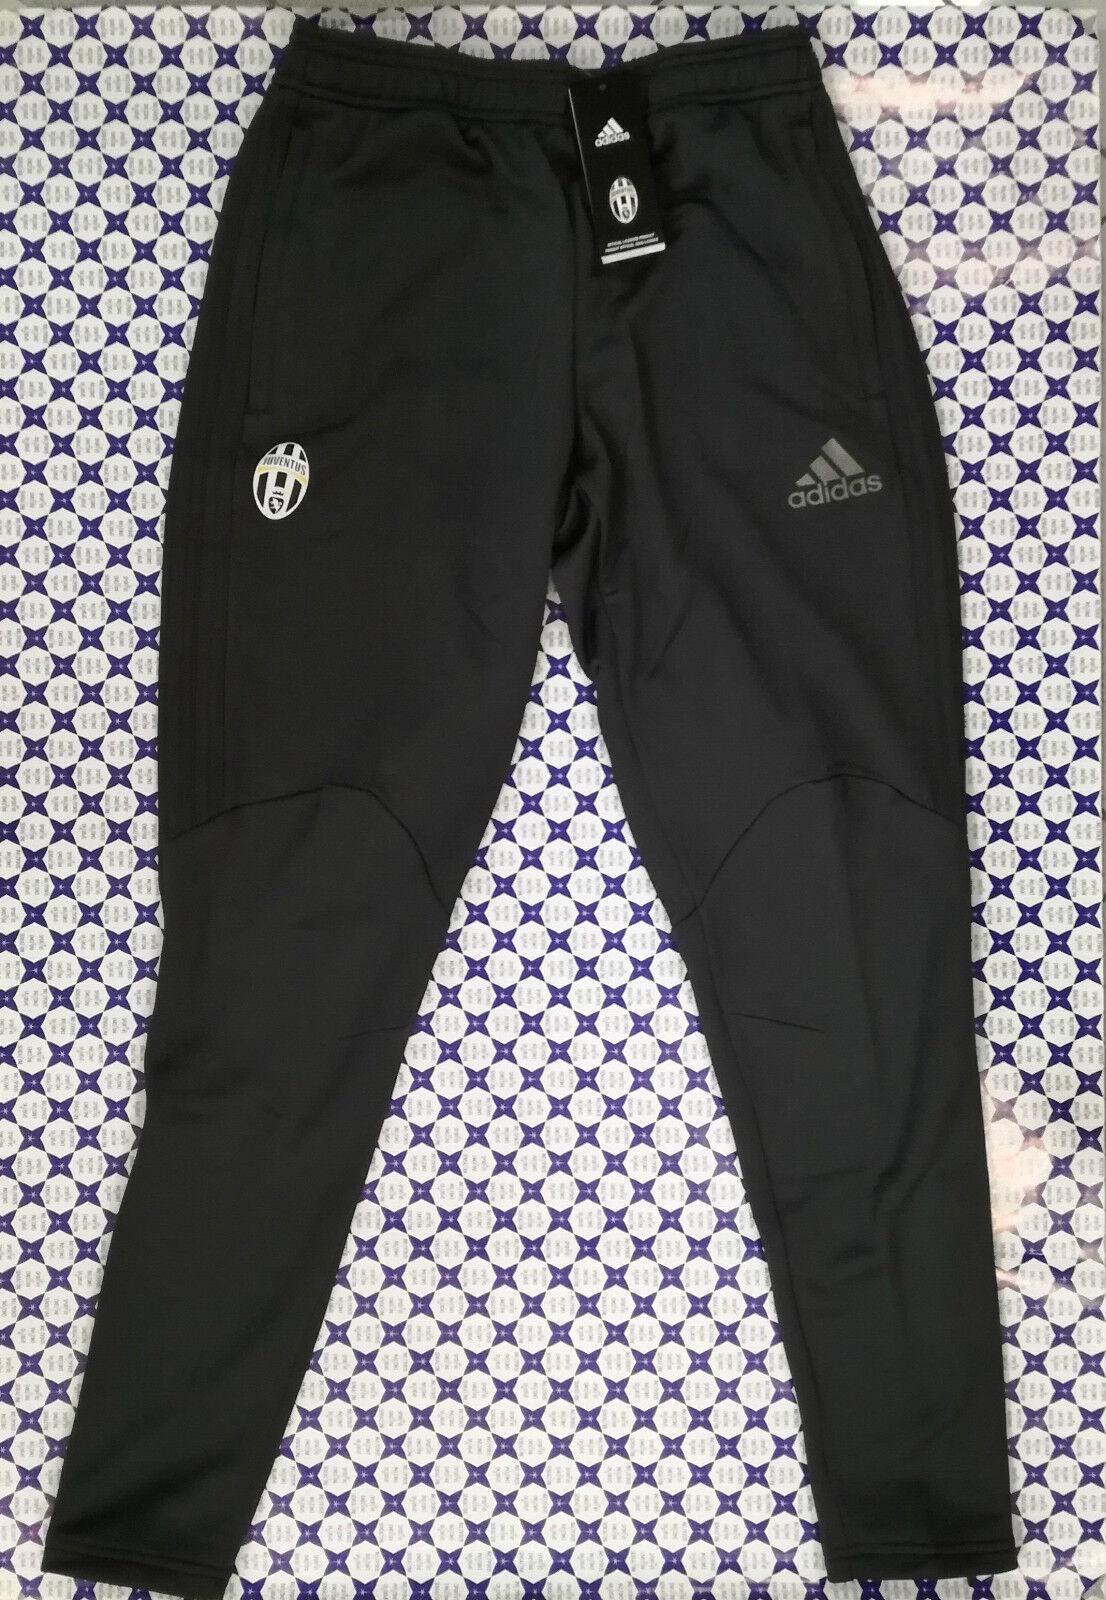 Adidas Pantalone Acetato Juventus Presentazione 2016 2017 Ufficiale Juve AP8218